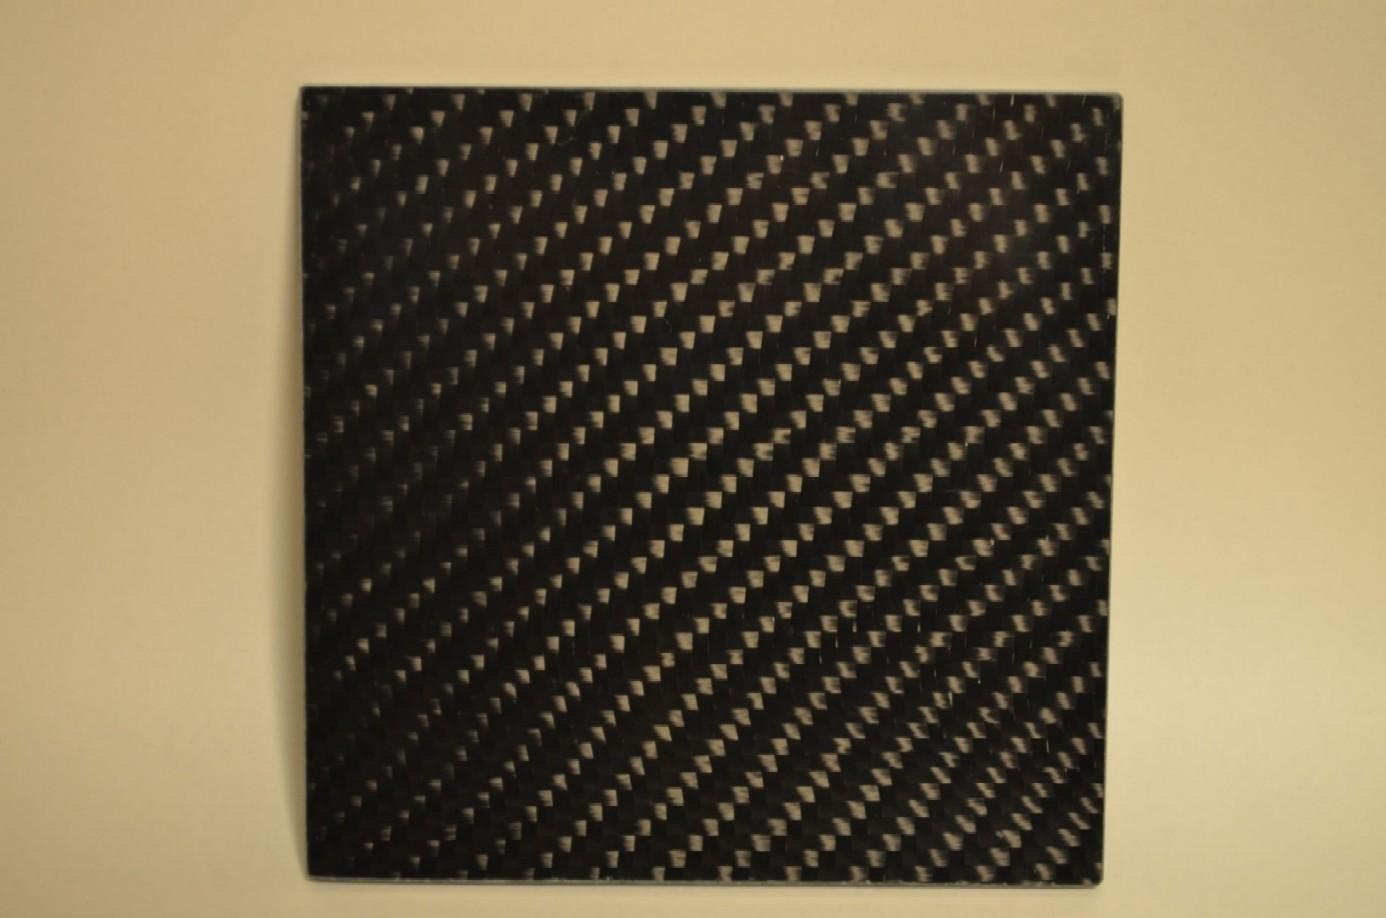 カーボン綾織り板~*1,200x800mm*両面・3mm厚~, 作務衣専門店こうたりや:a8ddbf26 --- officewill.xsrv.jp